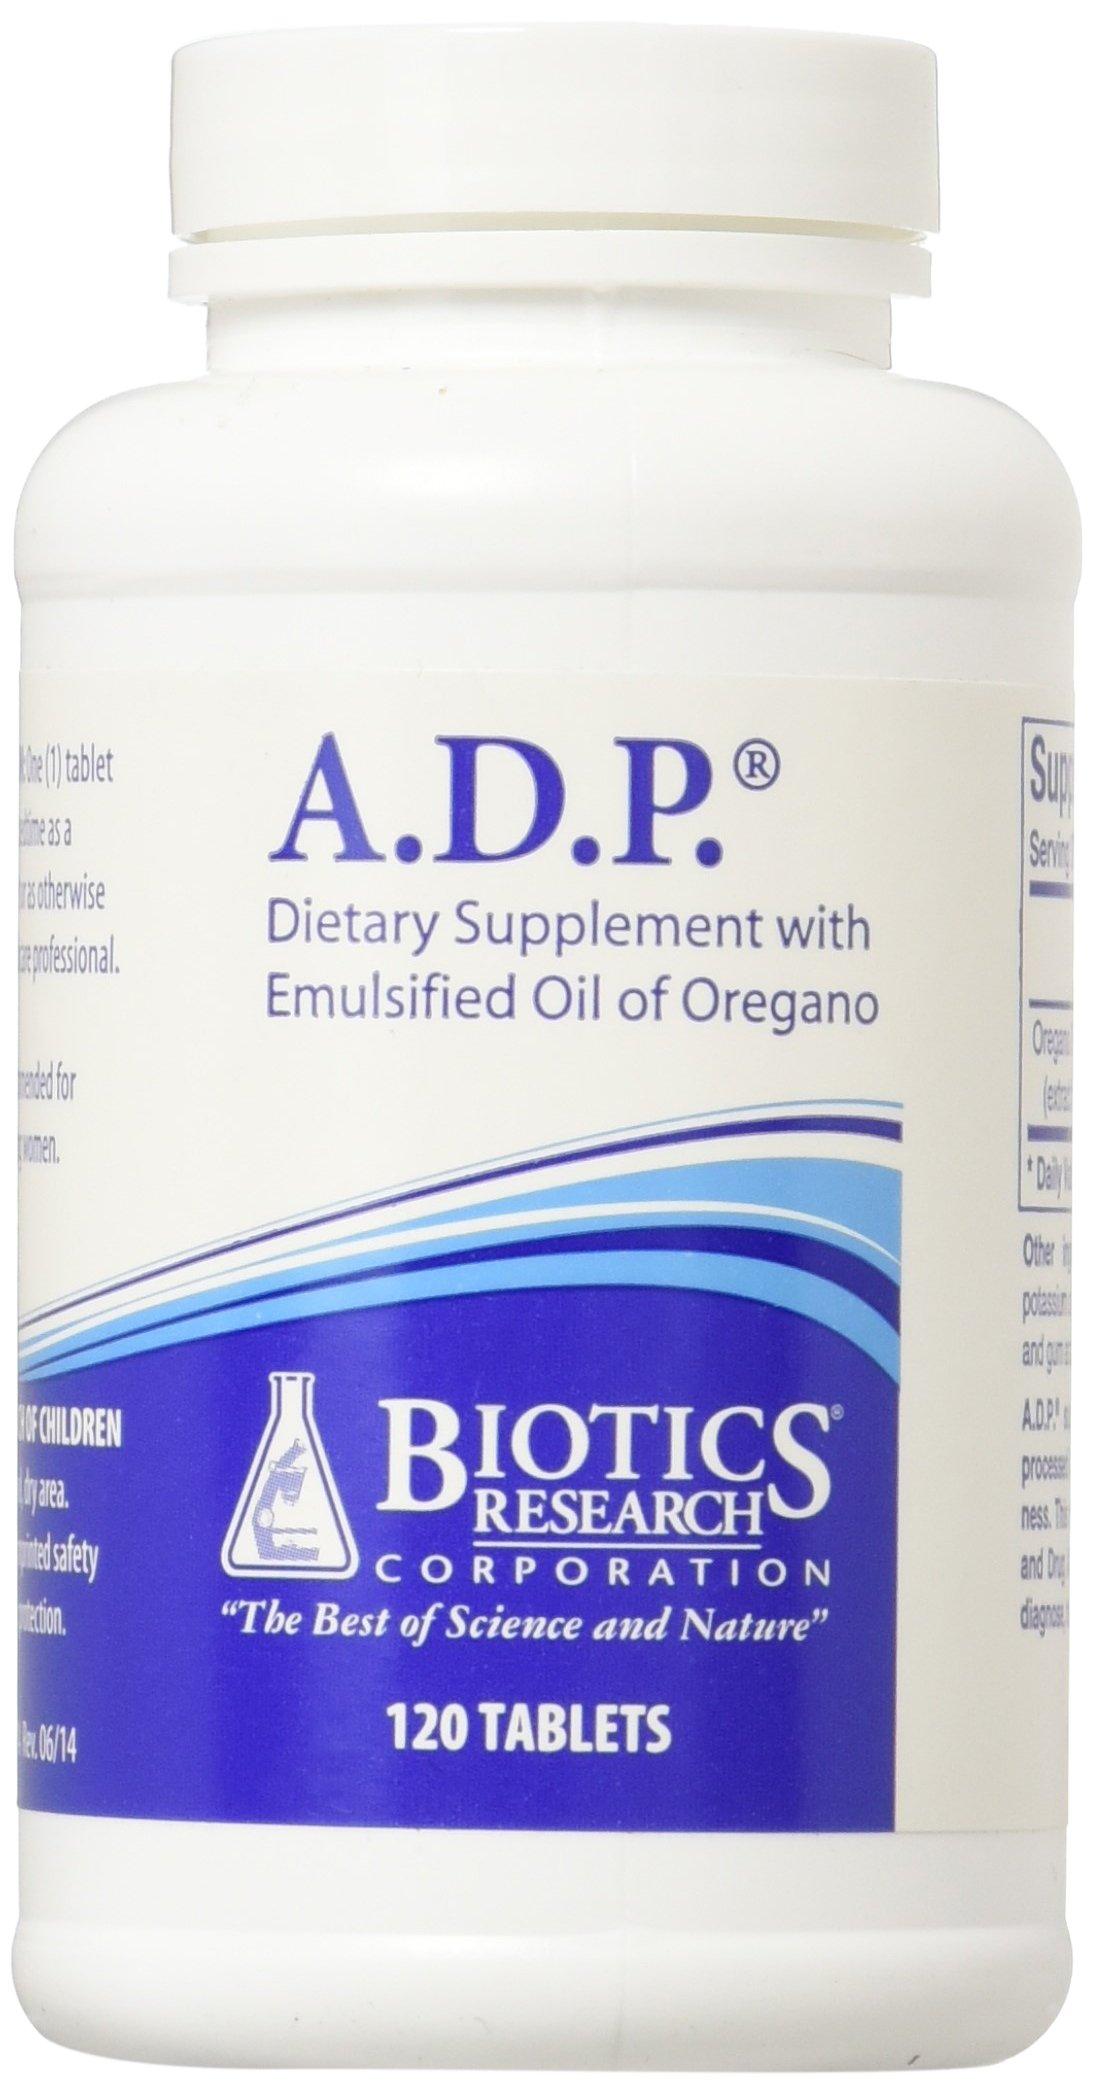 Biotics Research - A.D.P. 120 Tablets